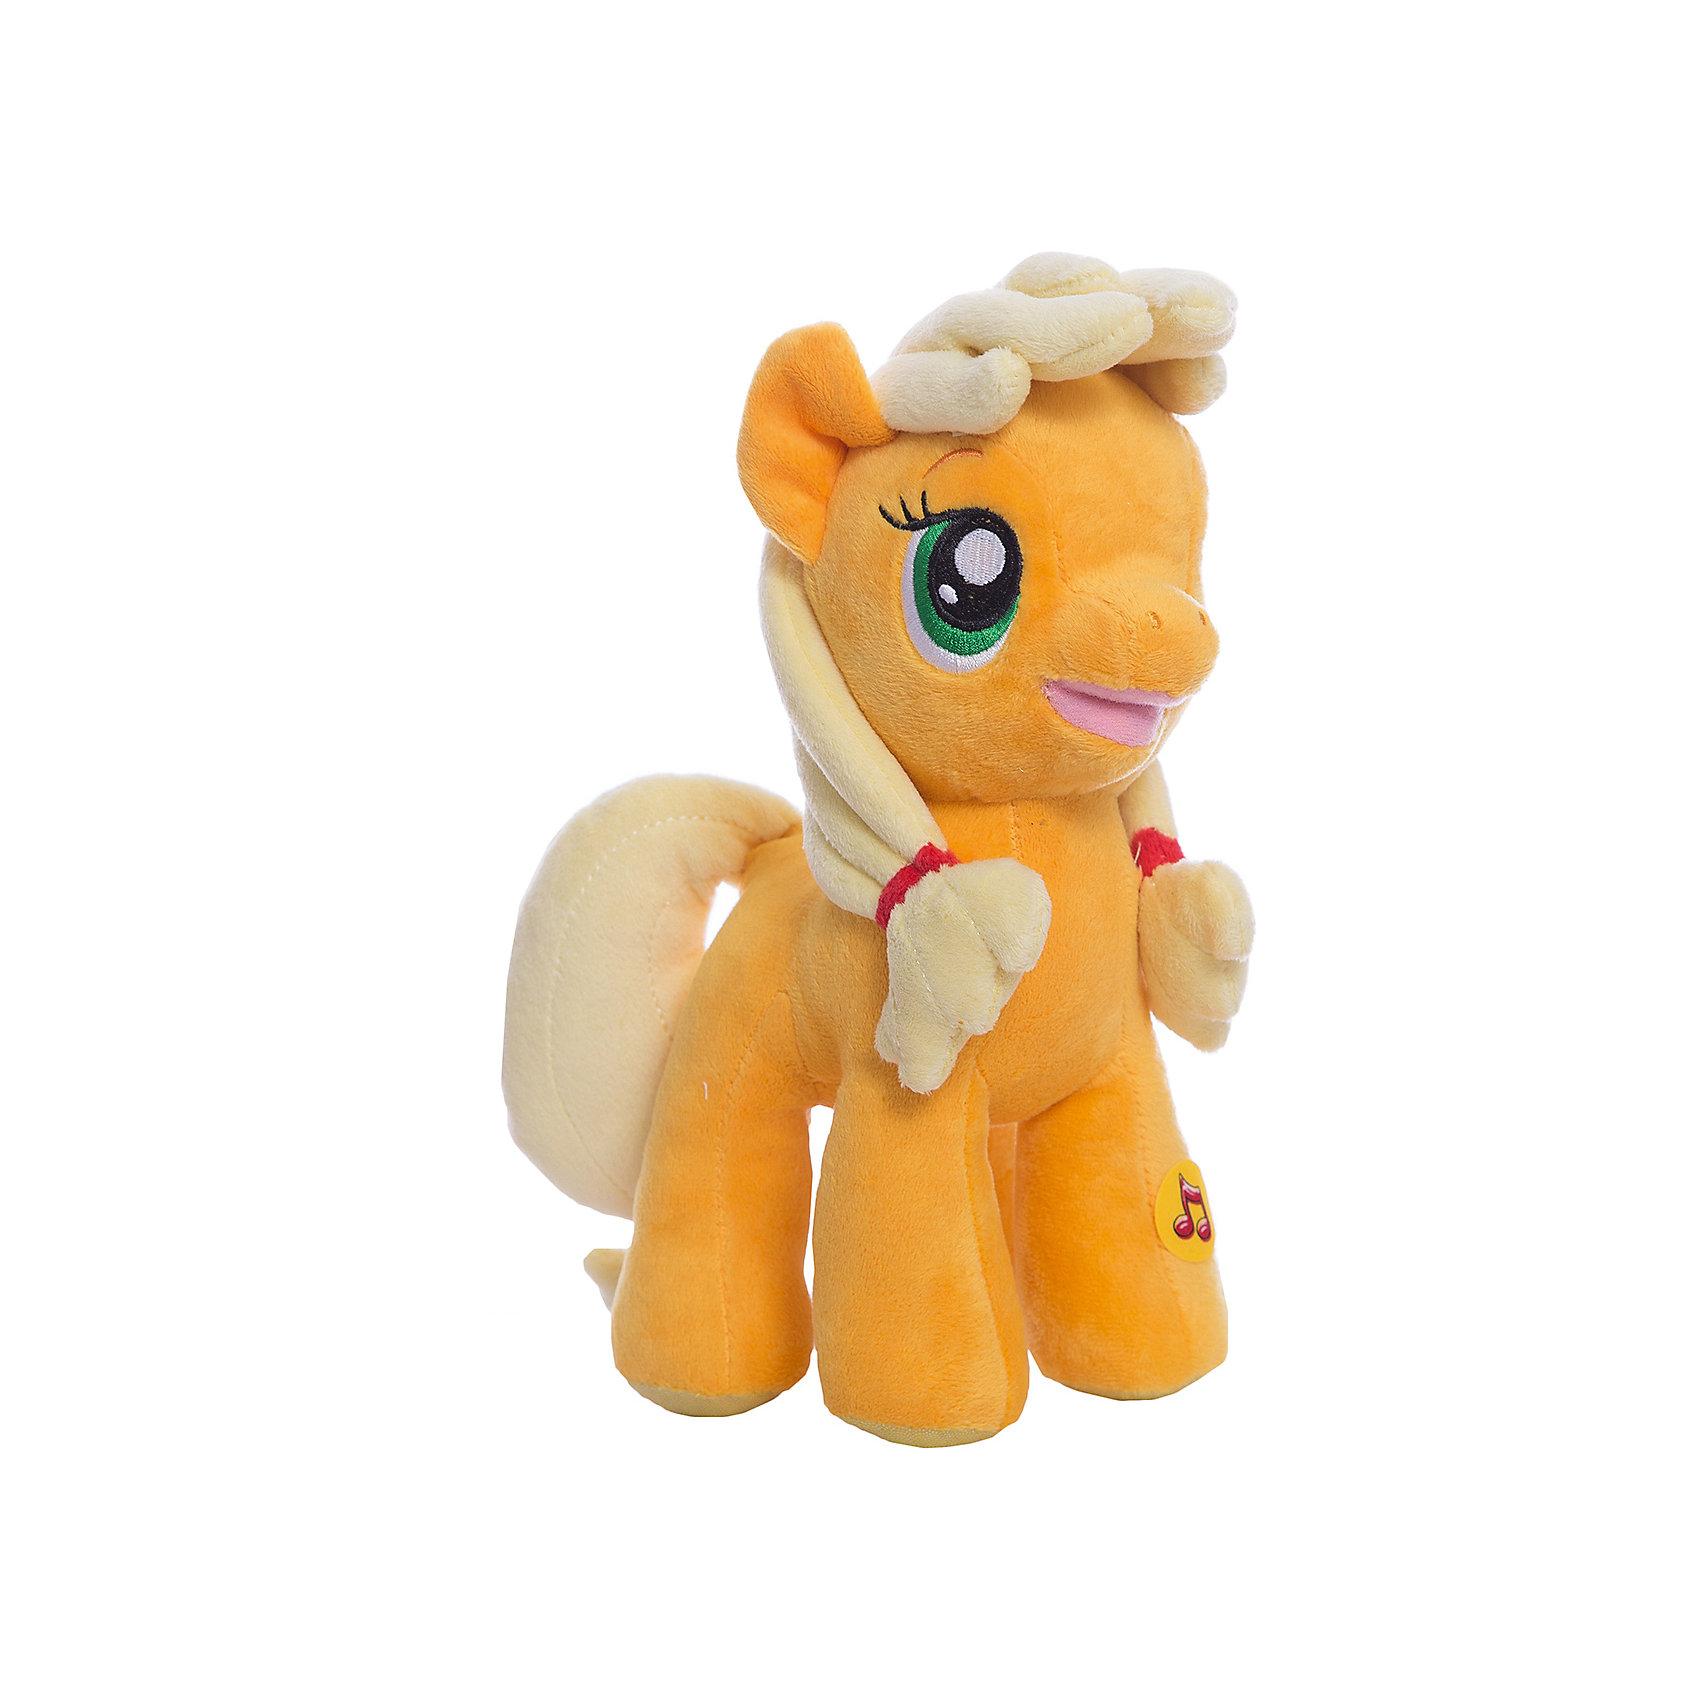 Пони Эпл Джек, со светом и звуком, My little Pony, МУЛЬТИ-ПУЛЬТИМягкая игрушка Пони Эпл Джек, My little Pony от Мульти-Пульти станет замечательным подарком для Вашего ребенка. Пони Эпл Джек (Applejack) - героиня популярного мультсериала Мой маленький пони (My Little Pony) о сказочном городке Понивилле населенном волшебными очаровательными пони, это трудолюбивая честная лошадка, она живет на ферме и выращивает яблоки. Внешний вид<br>игрушки полностью соответствует своему персонажу, у лошадки светло-желтые грива и хвост и мягкая оранжевая шерстка. Лошадка озвучена: если нажать ей на лапку она будет произносит фразы и споет песенку из мультфильма. Во время звучания фразы или песенки у пони подсвечивается носик.<br><br>Дополнительная информация:<br><br>- Материал: текстиль, синтепон.<br>- Требуются батарейки: 3 х LR44 (входят в комплект).<br>- Высота лошадки: 23 см.<br>- Размер упаковки: 26 x 12 x 13 см.<br>- Вес: 0,28 кг.<br><br>Мягкую игрушку Пони Эпл Джек, My little Pony (Моя маленькая Пони), Мульти-Пульти можно купить в нашем интернет-магазине.<br><br>Ширина мм: 250<br>Глубина мм: 110<br>Высота мм: 400<br>Вес г: 290<br>Возраст от месяцев: 6<br>Возраст до месяцев: 60<br>Пол: Женский<br>Возраст: Детский<br>SKU: 3778133